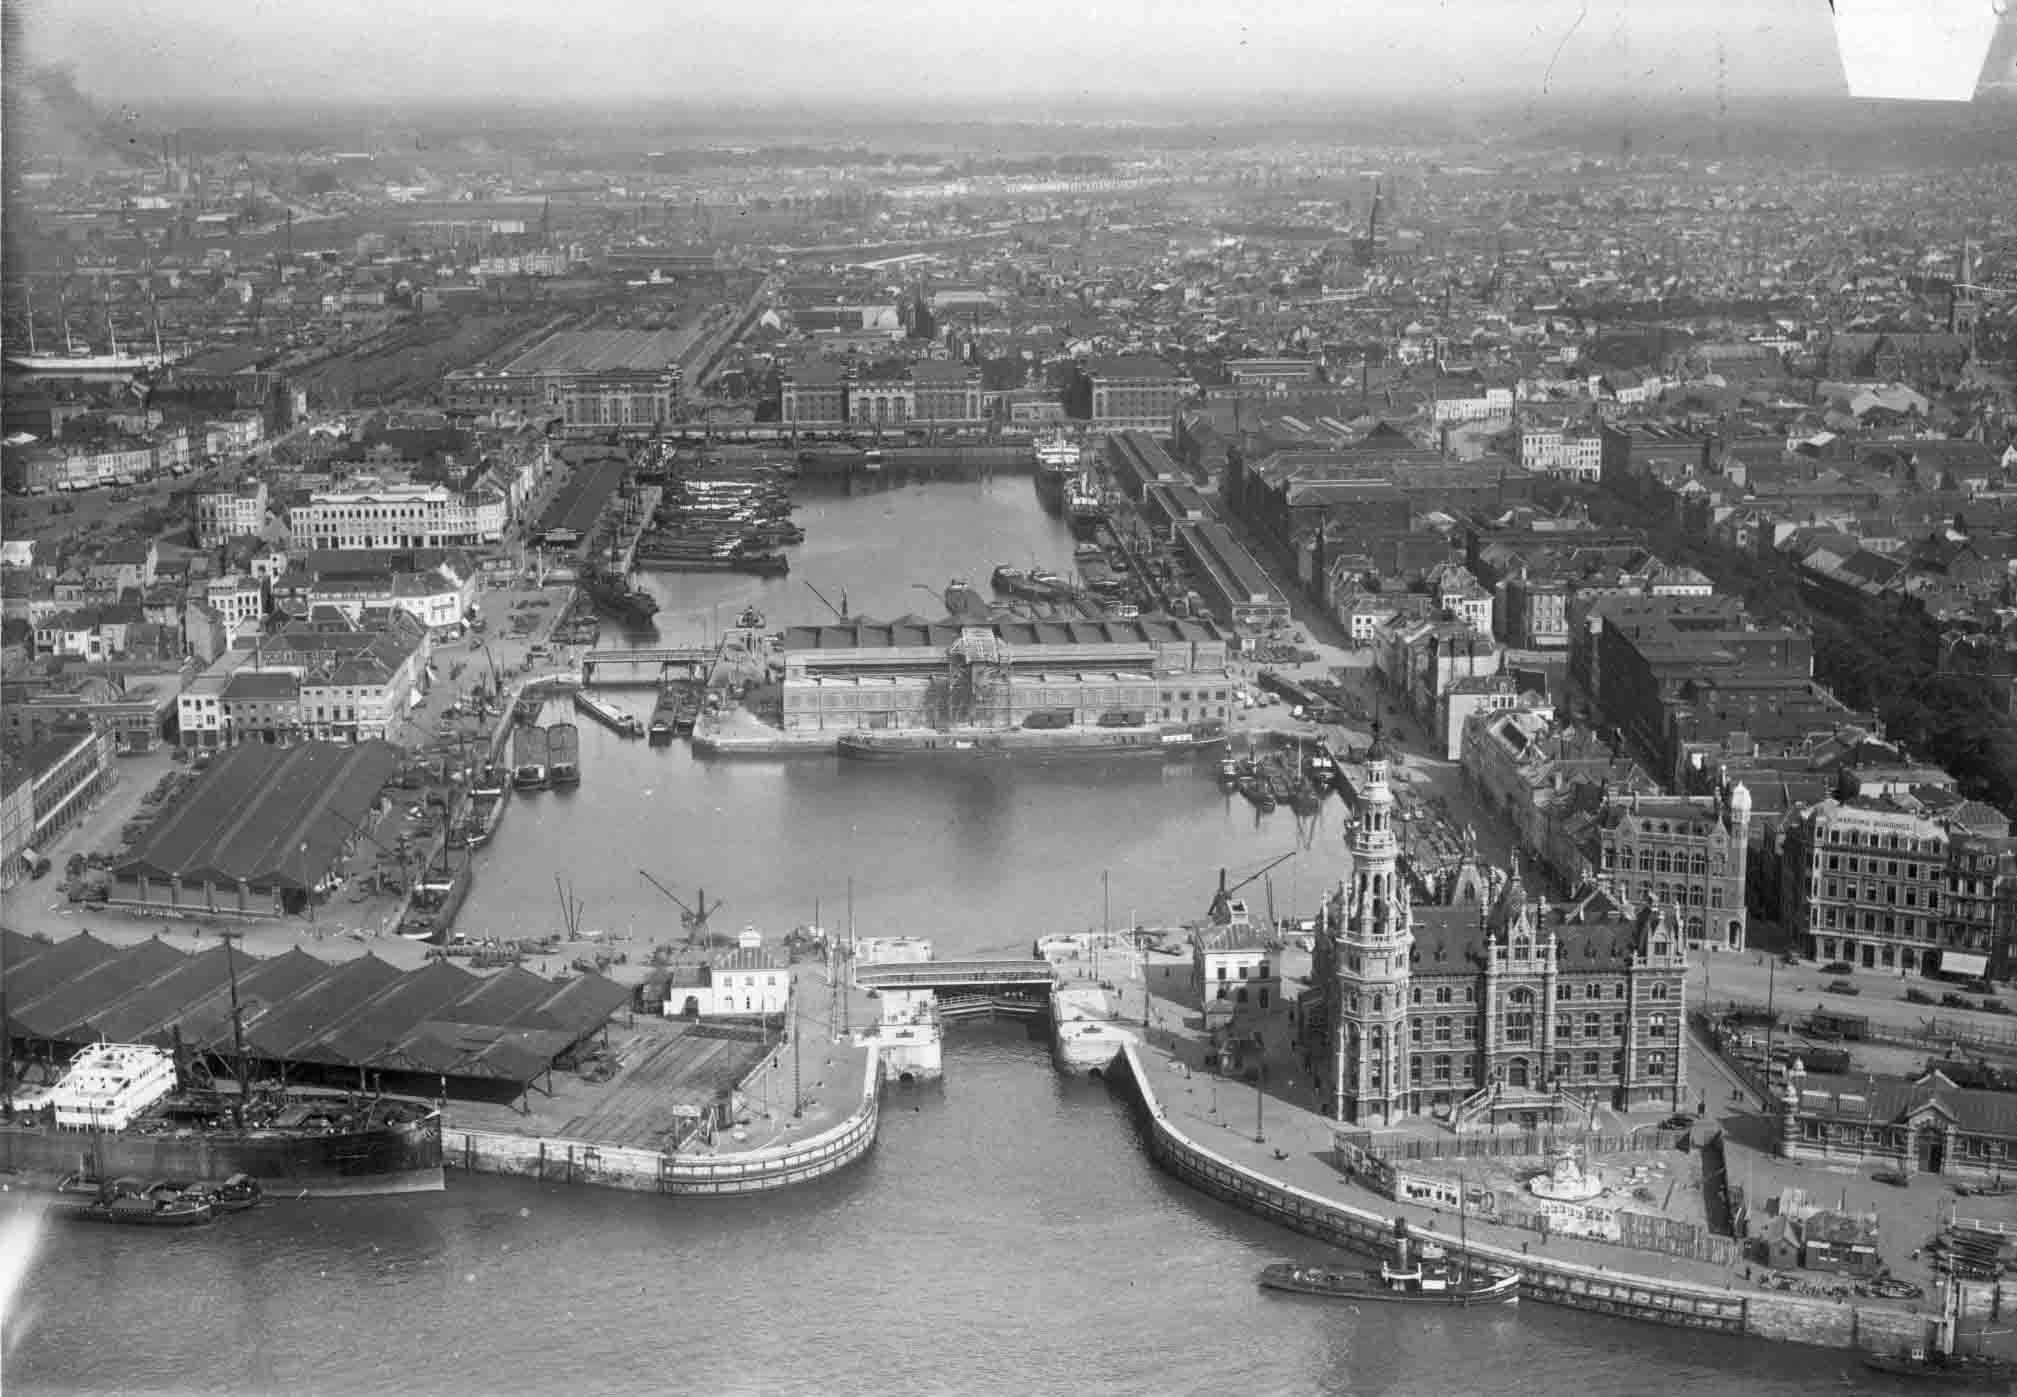 Aerial photo of Bonaparte Lock from 1934